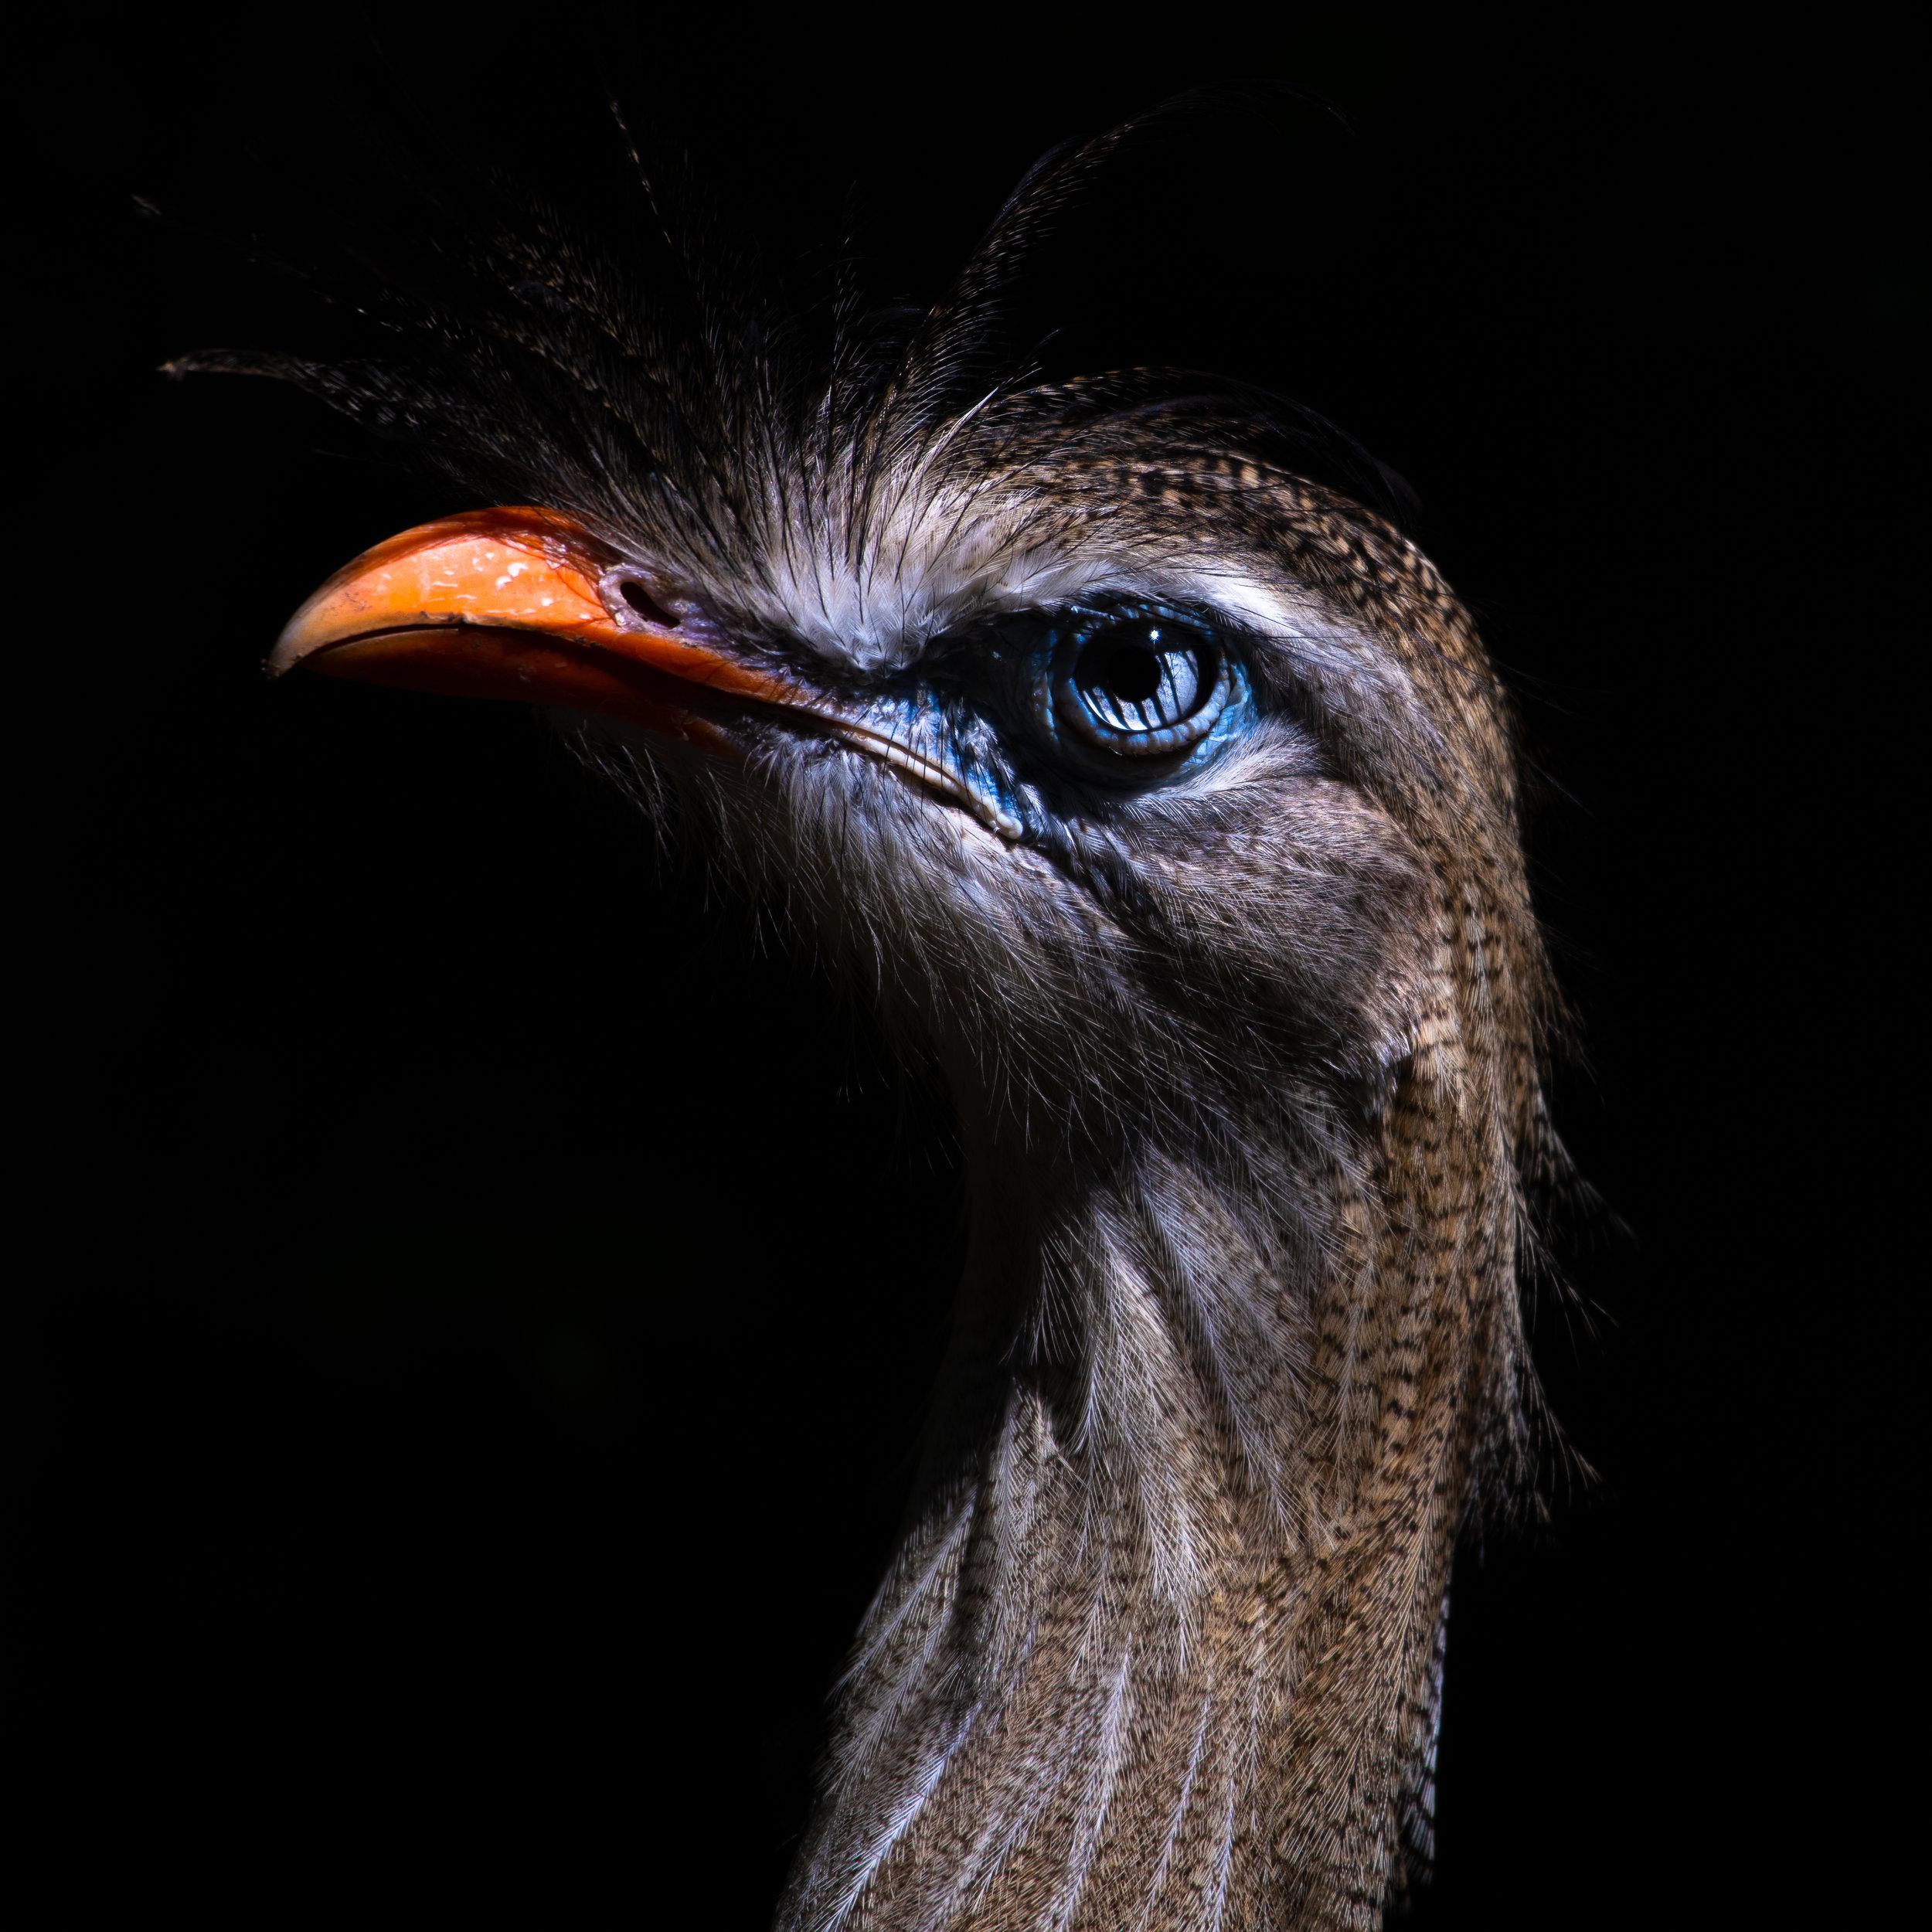 bird_light_001 (1 of 1).jpg